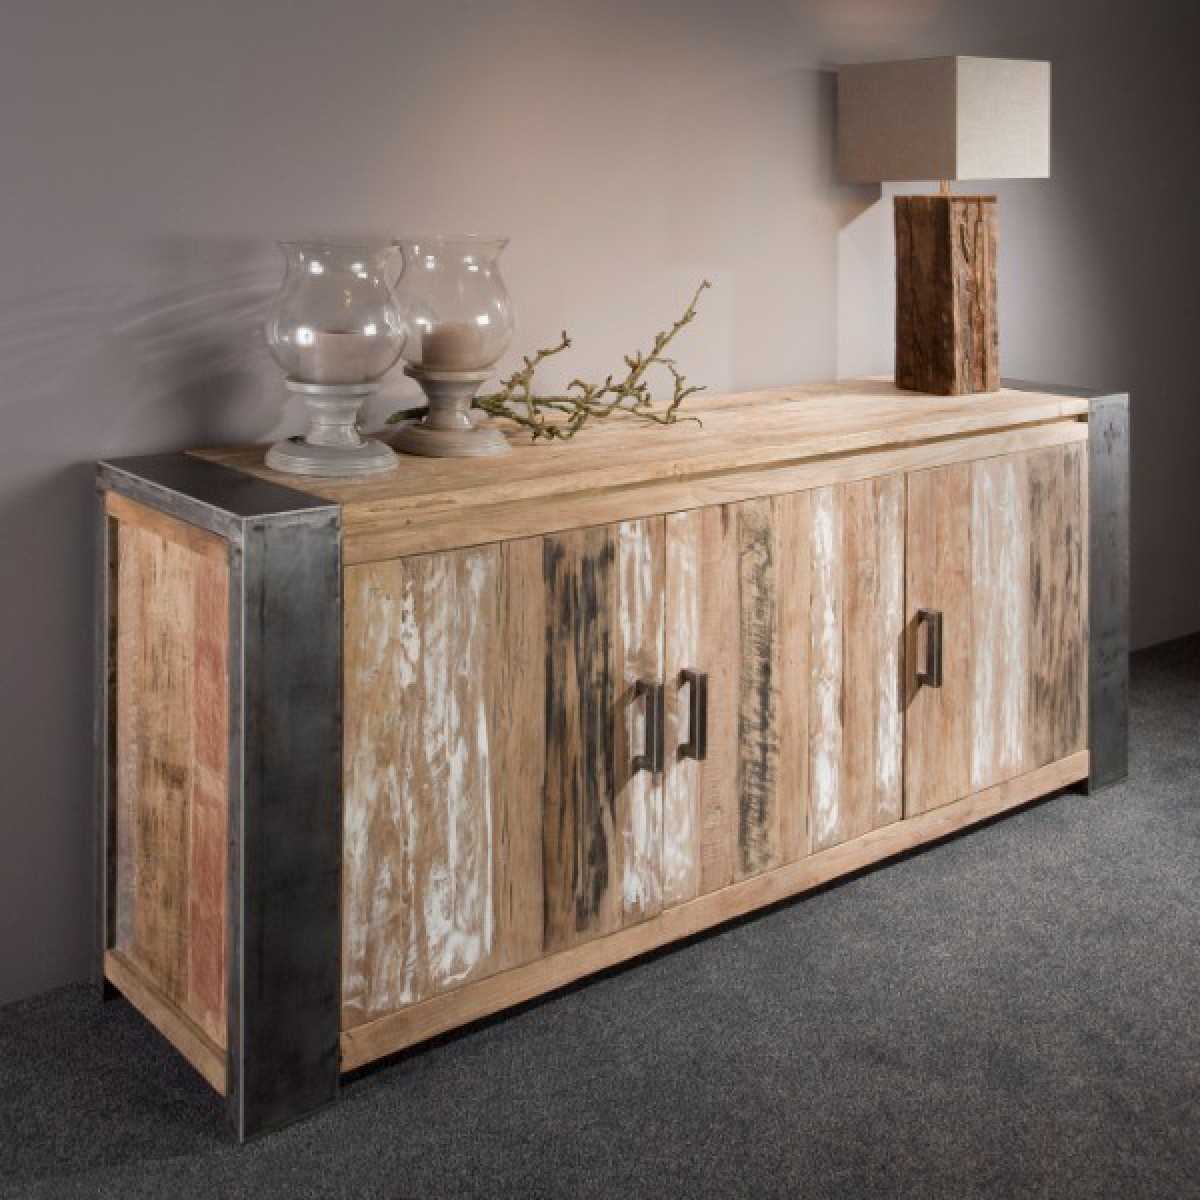 PF0010-dressoir-sidebaord-4-deuren-teak-hout-recycled-metalen-poot-stockfoto